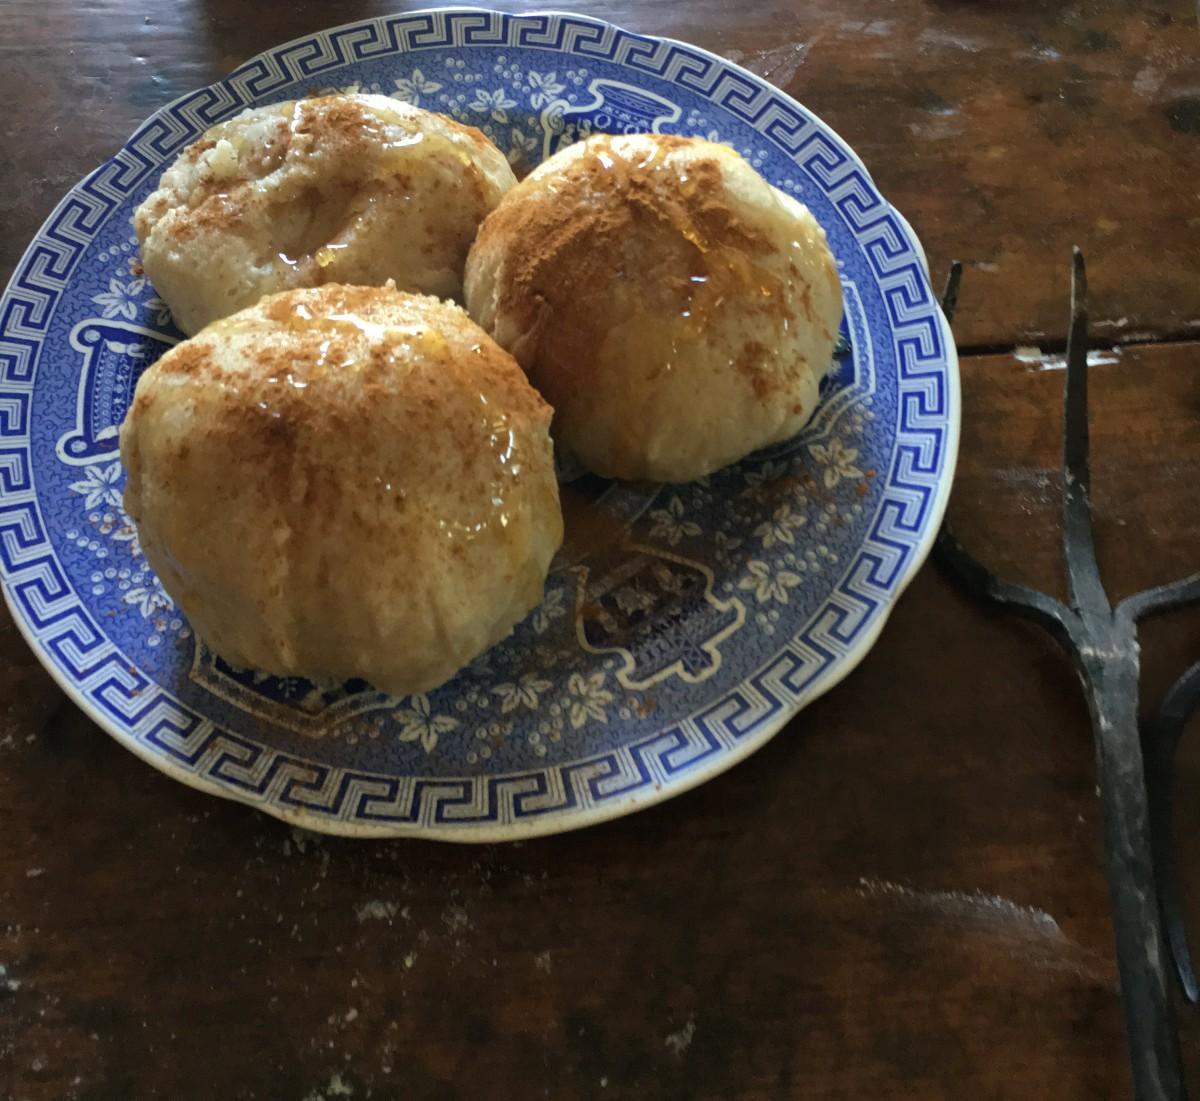 Honey on top of dumplings